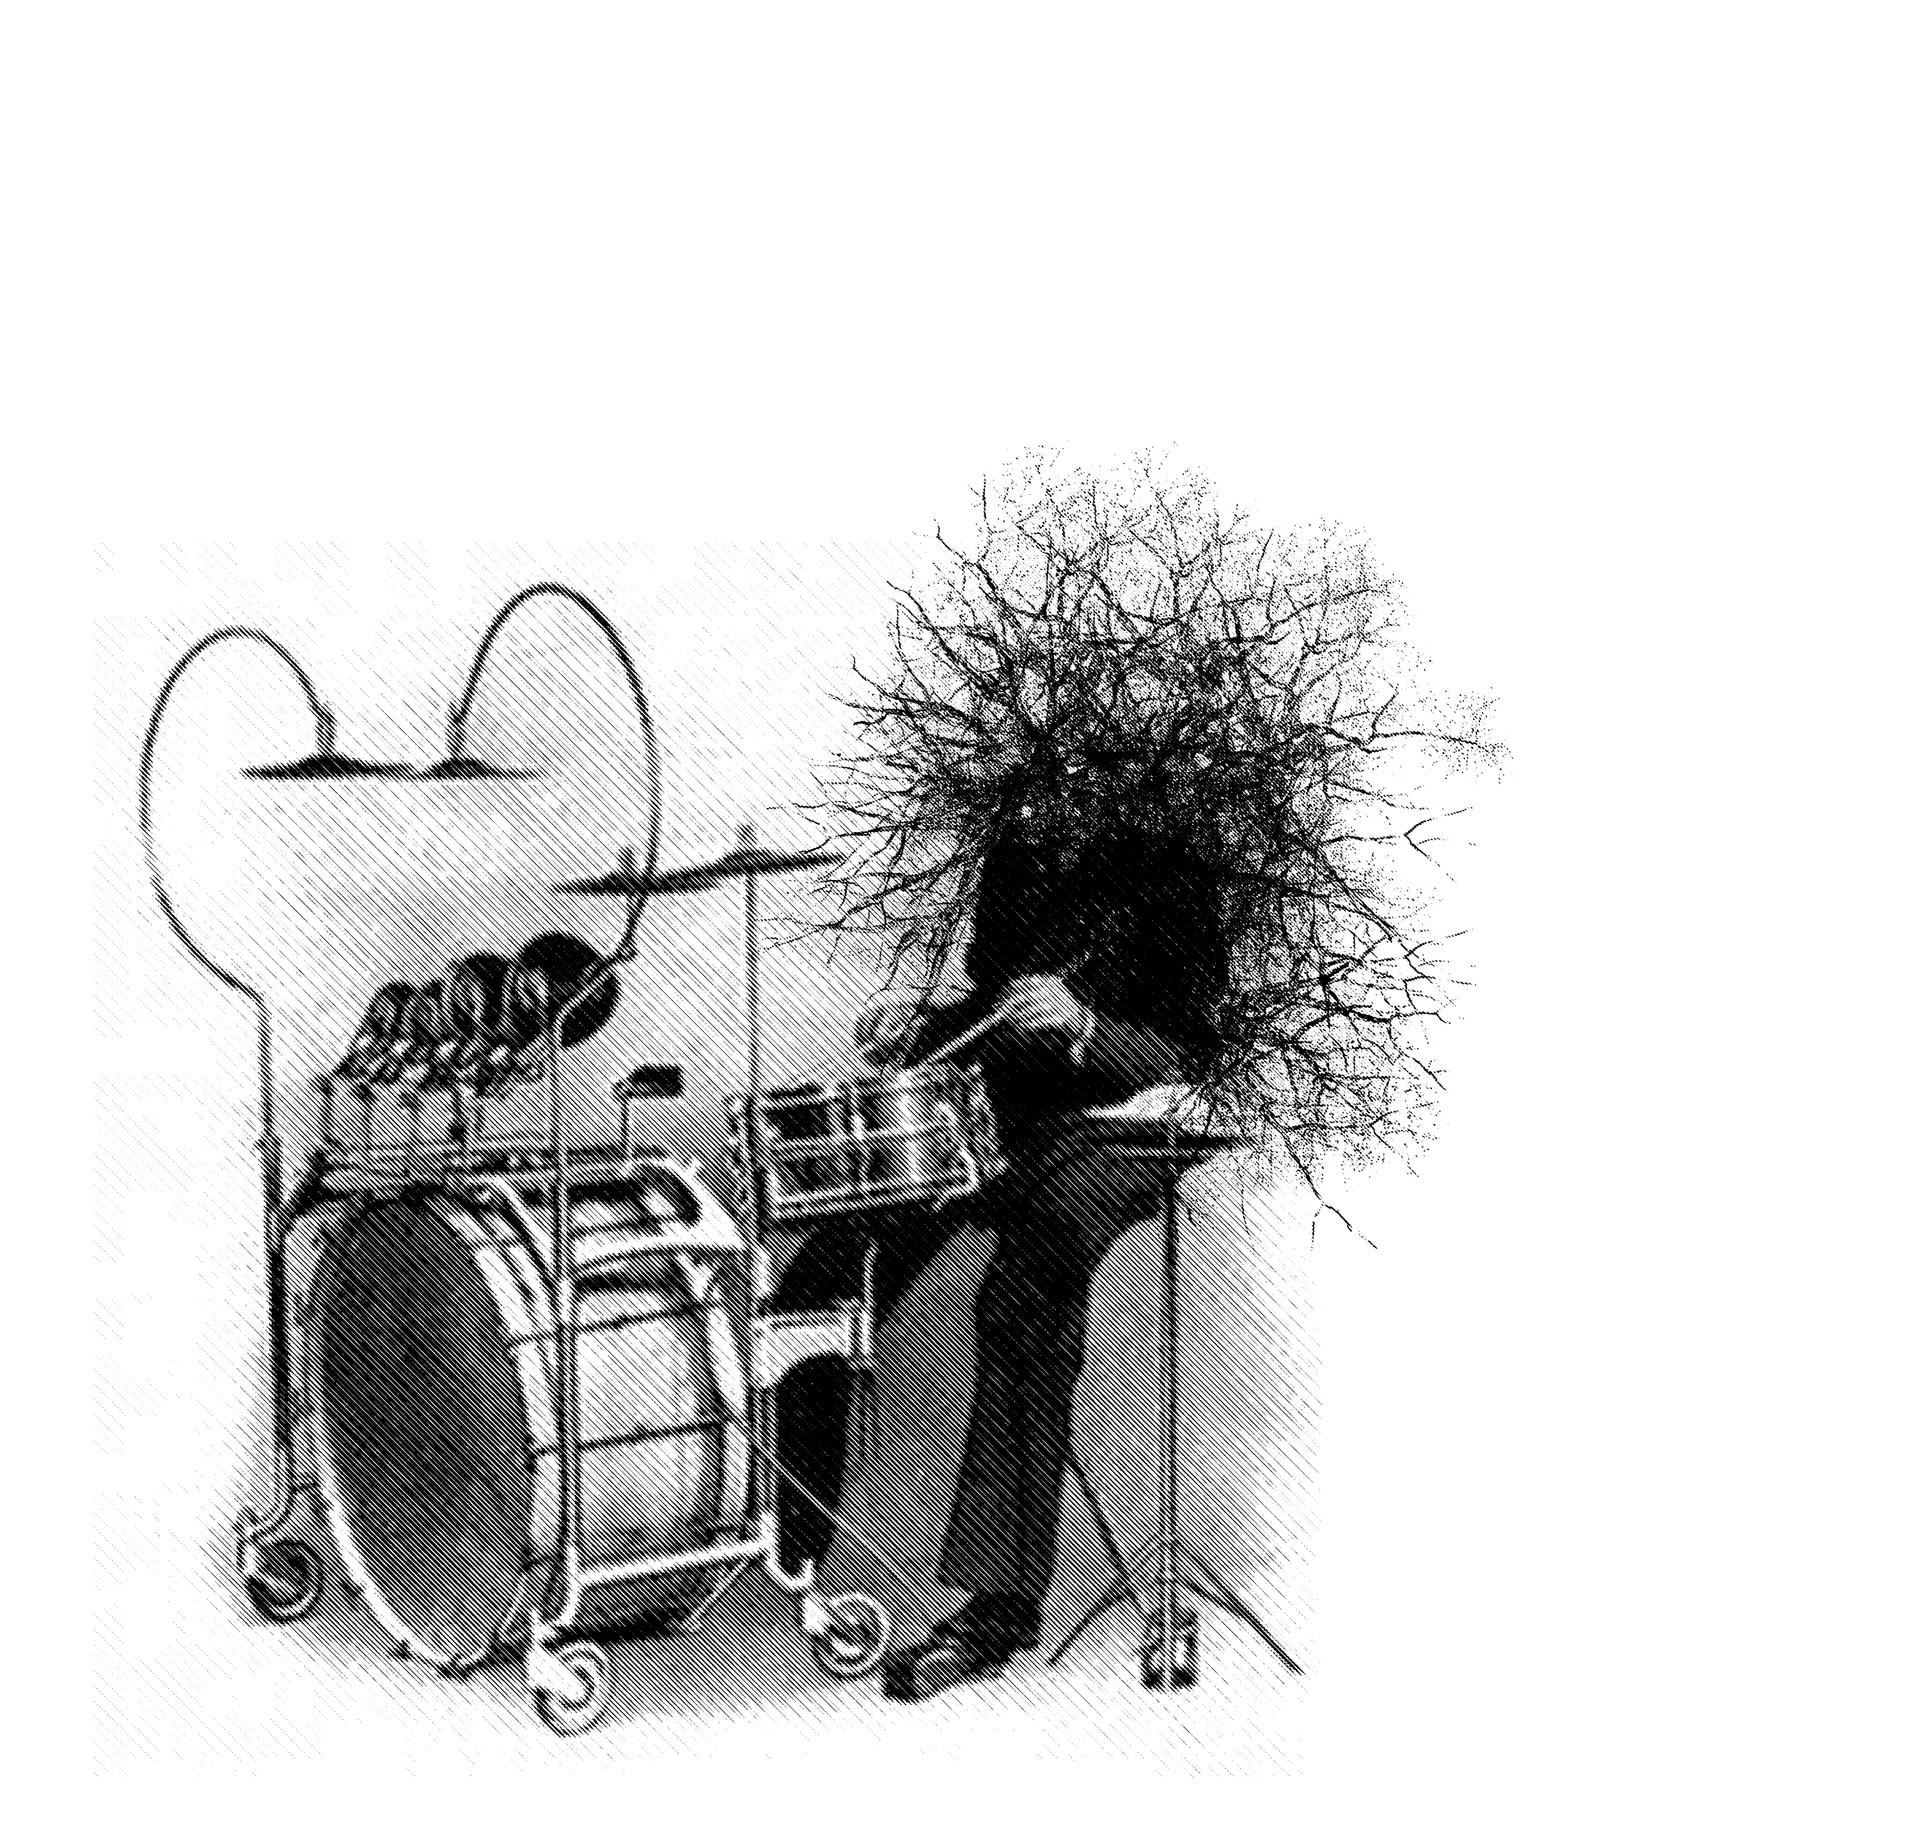 baterista2.jpg